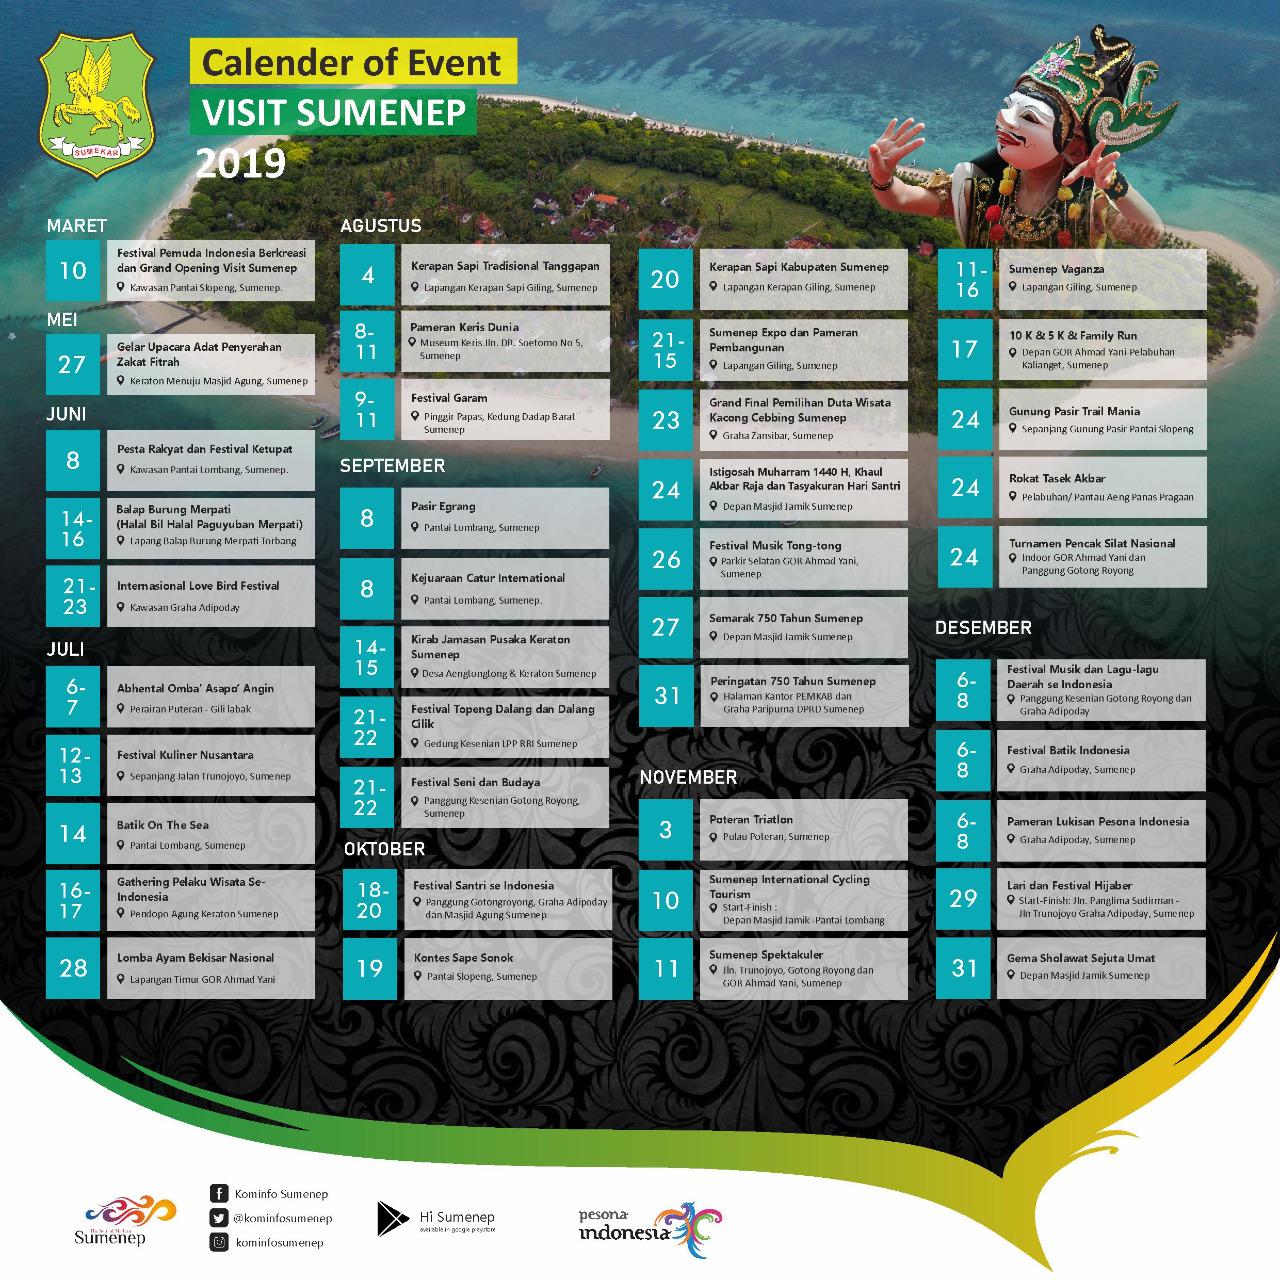 Jadwal Program Visit Sumenep 2019